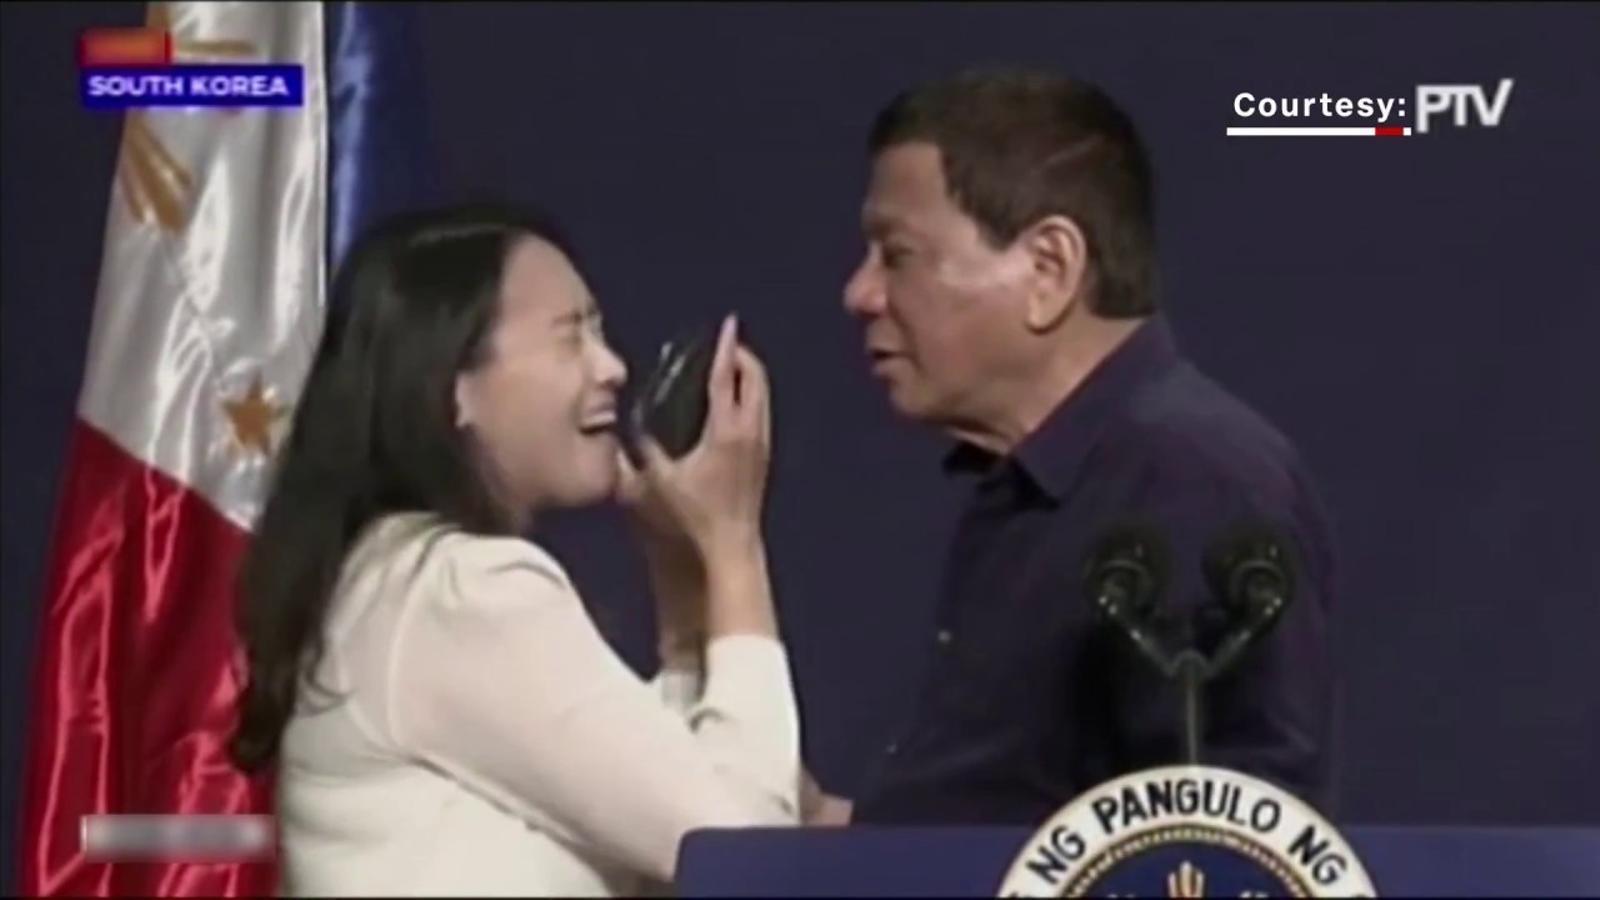 El polèmic petó a la boca de Duterte a una treballadora filipina